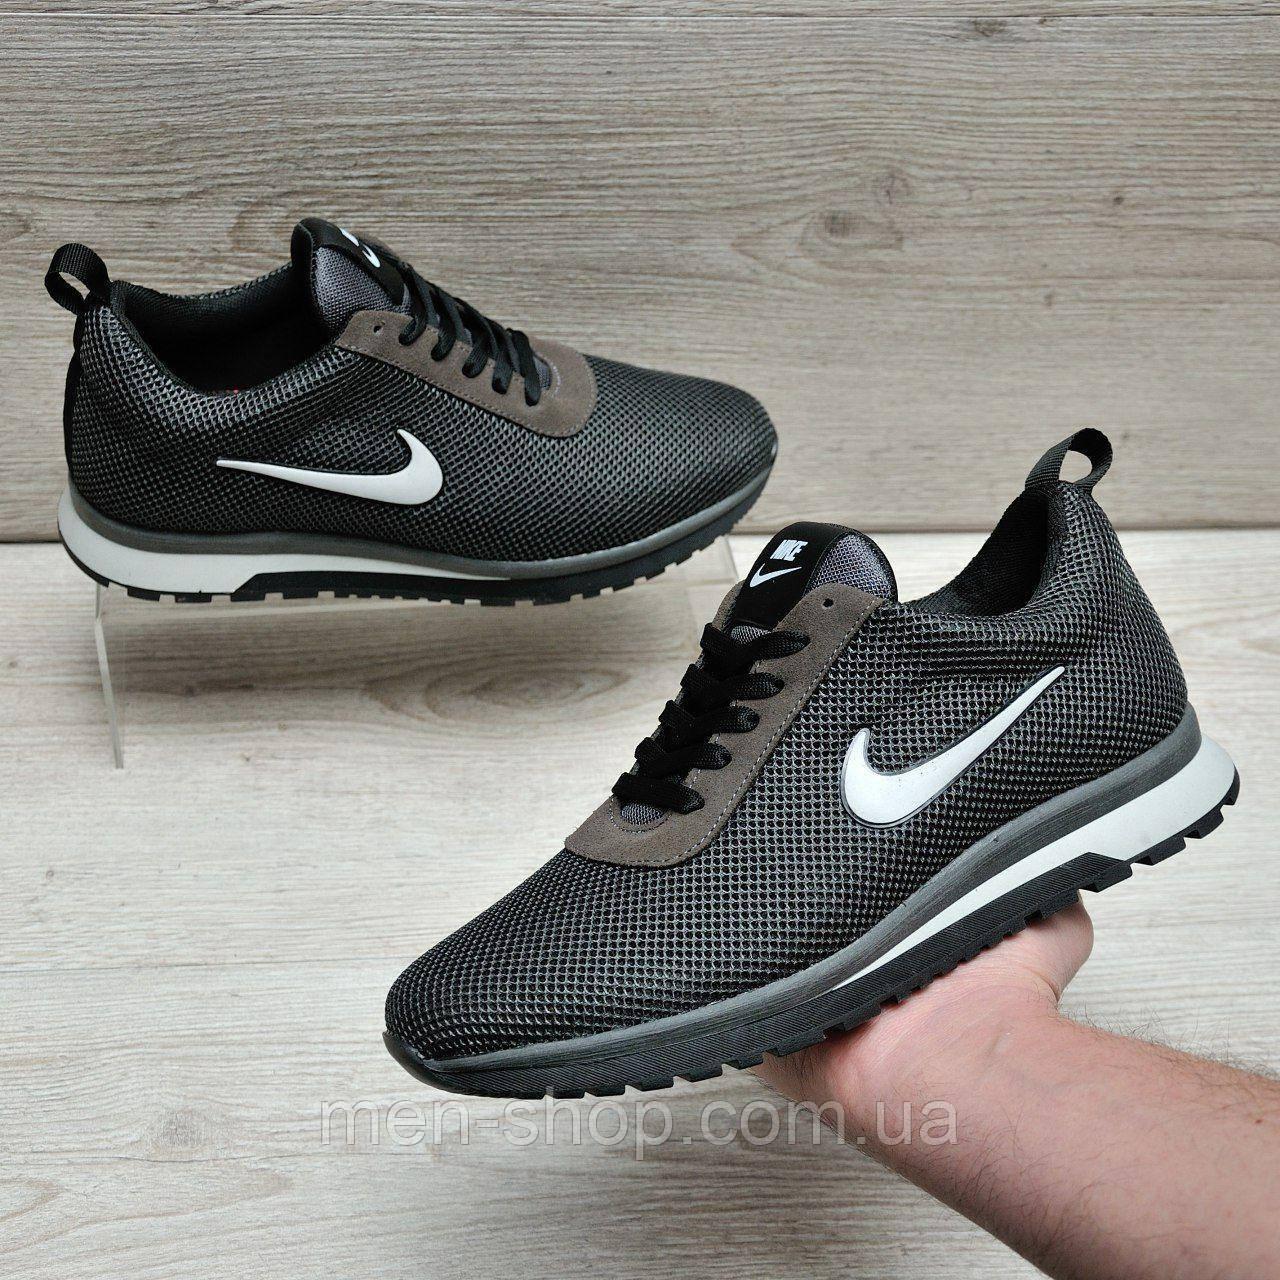 Серые мужские кроссовки в стиле Nike